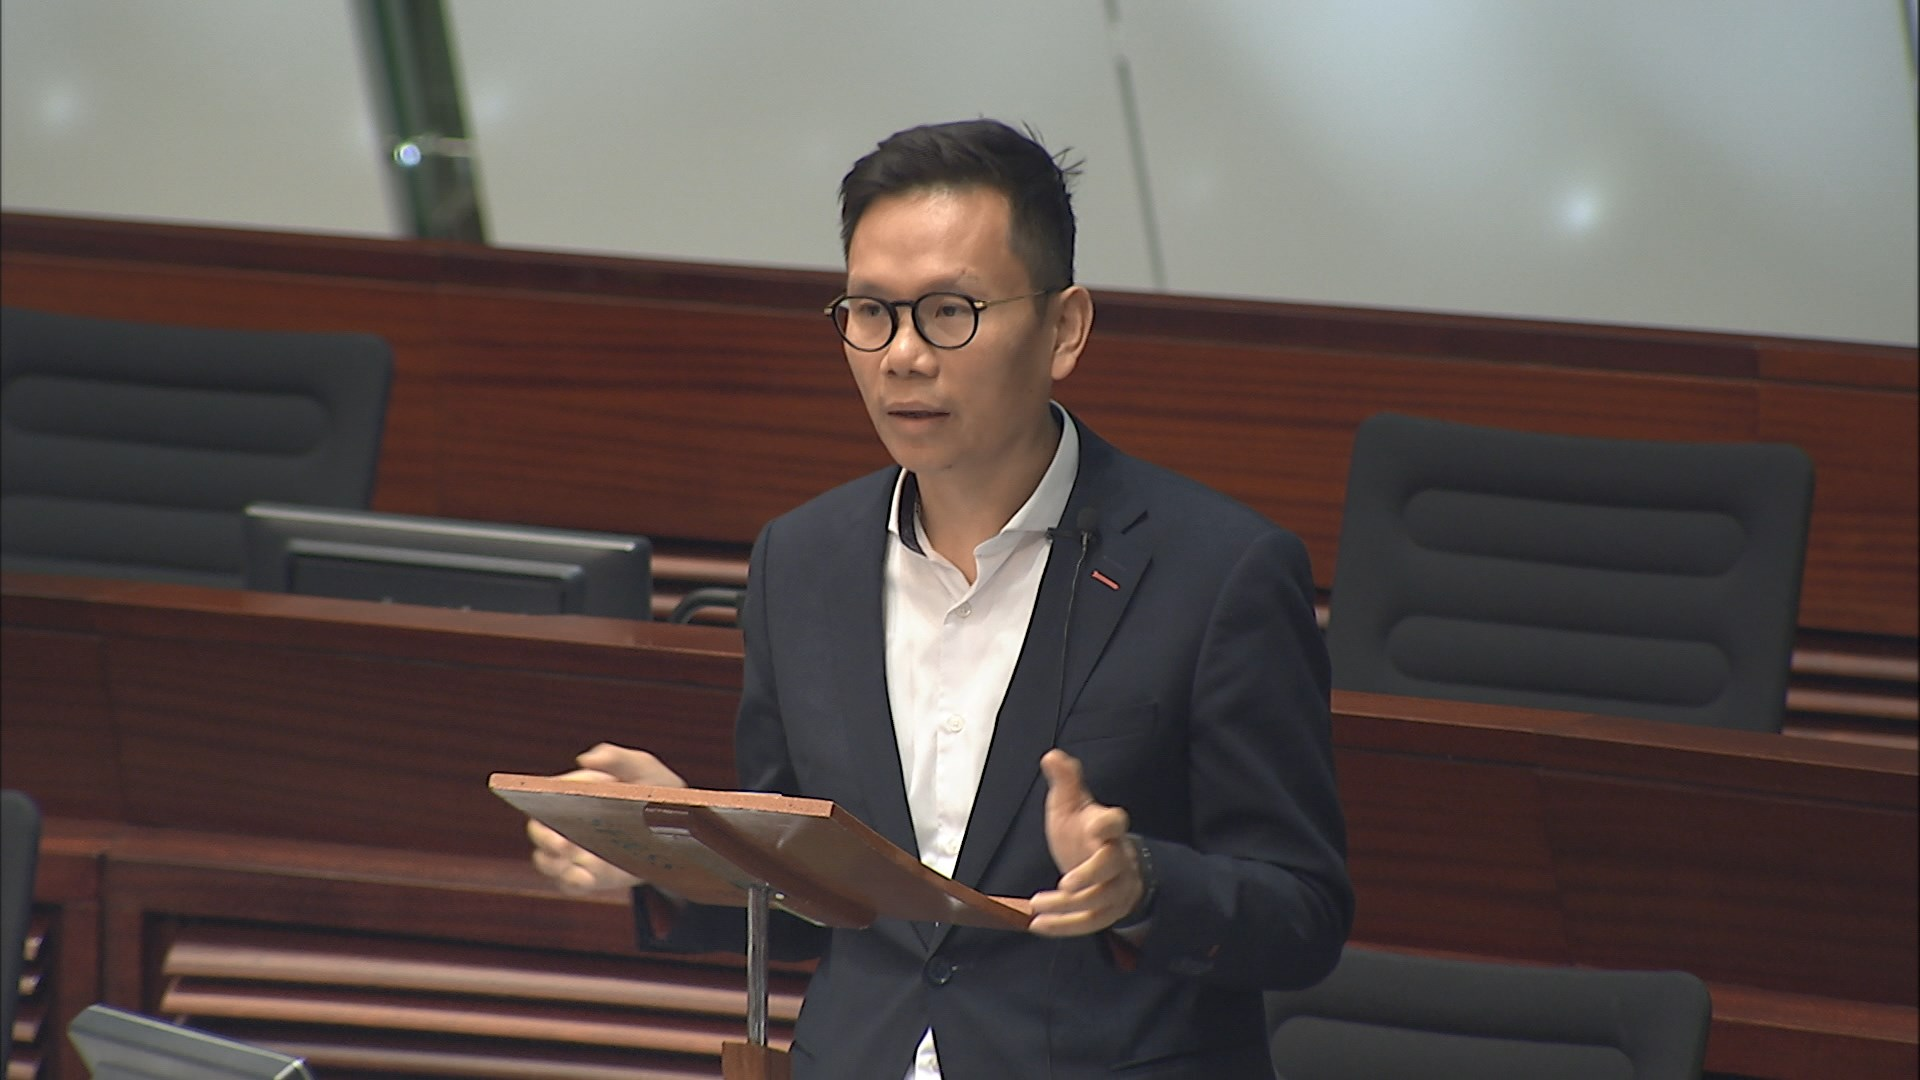 立法會第三日審議稅務寬減 建制派否認拉布